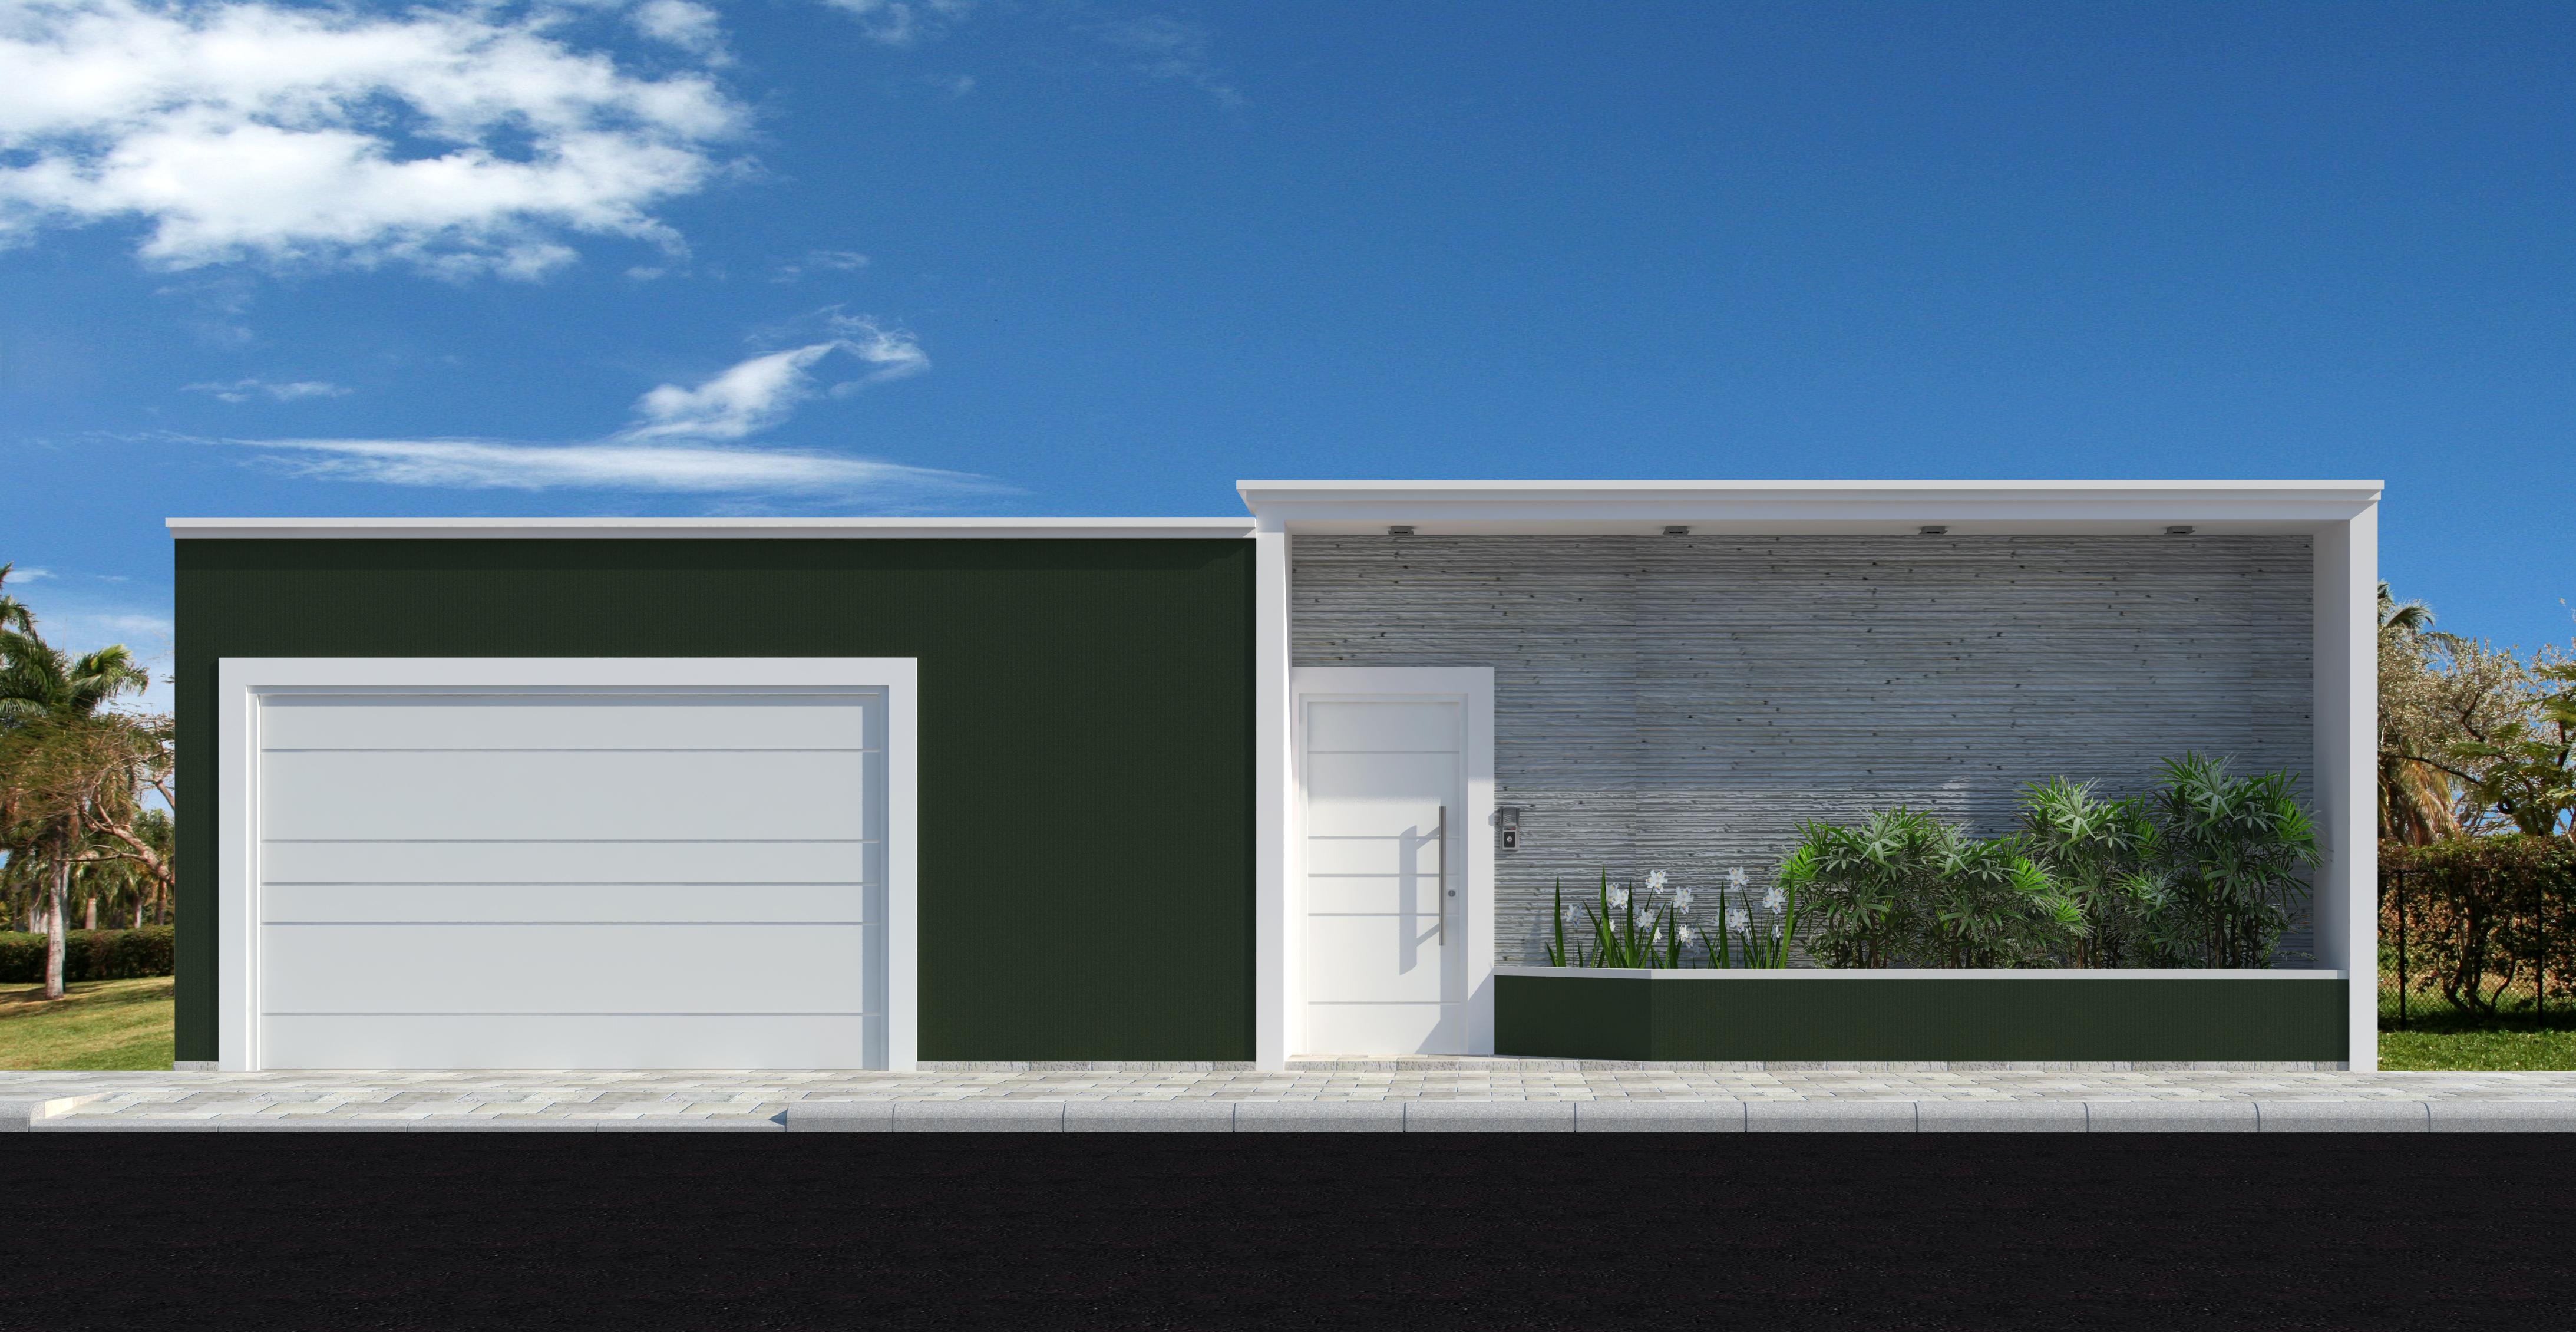 Muros e fachadas de casas simples e modernas tattoo for Fachadas de casas modernas